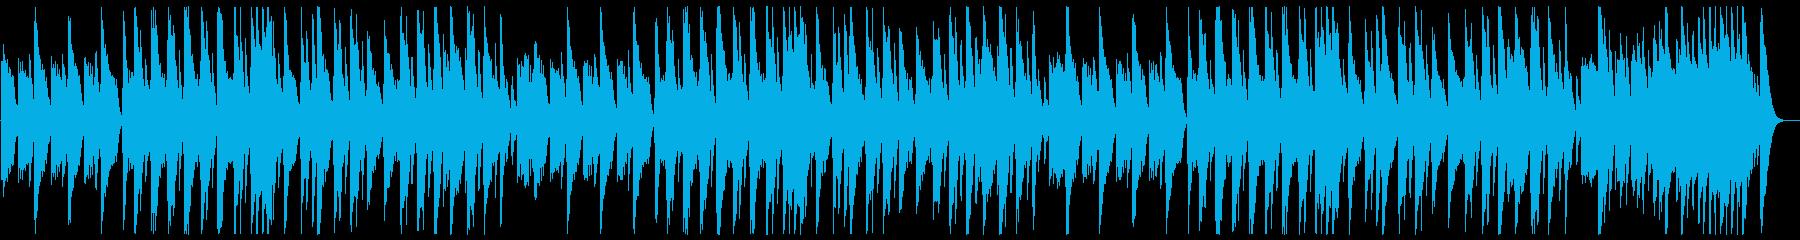 優しい甘いゆっくりなオルゴールの曲の再生済みの波形